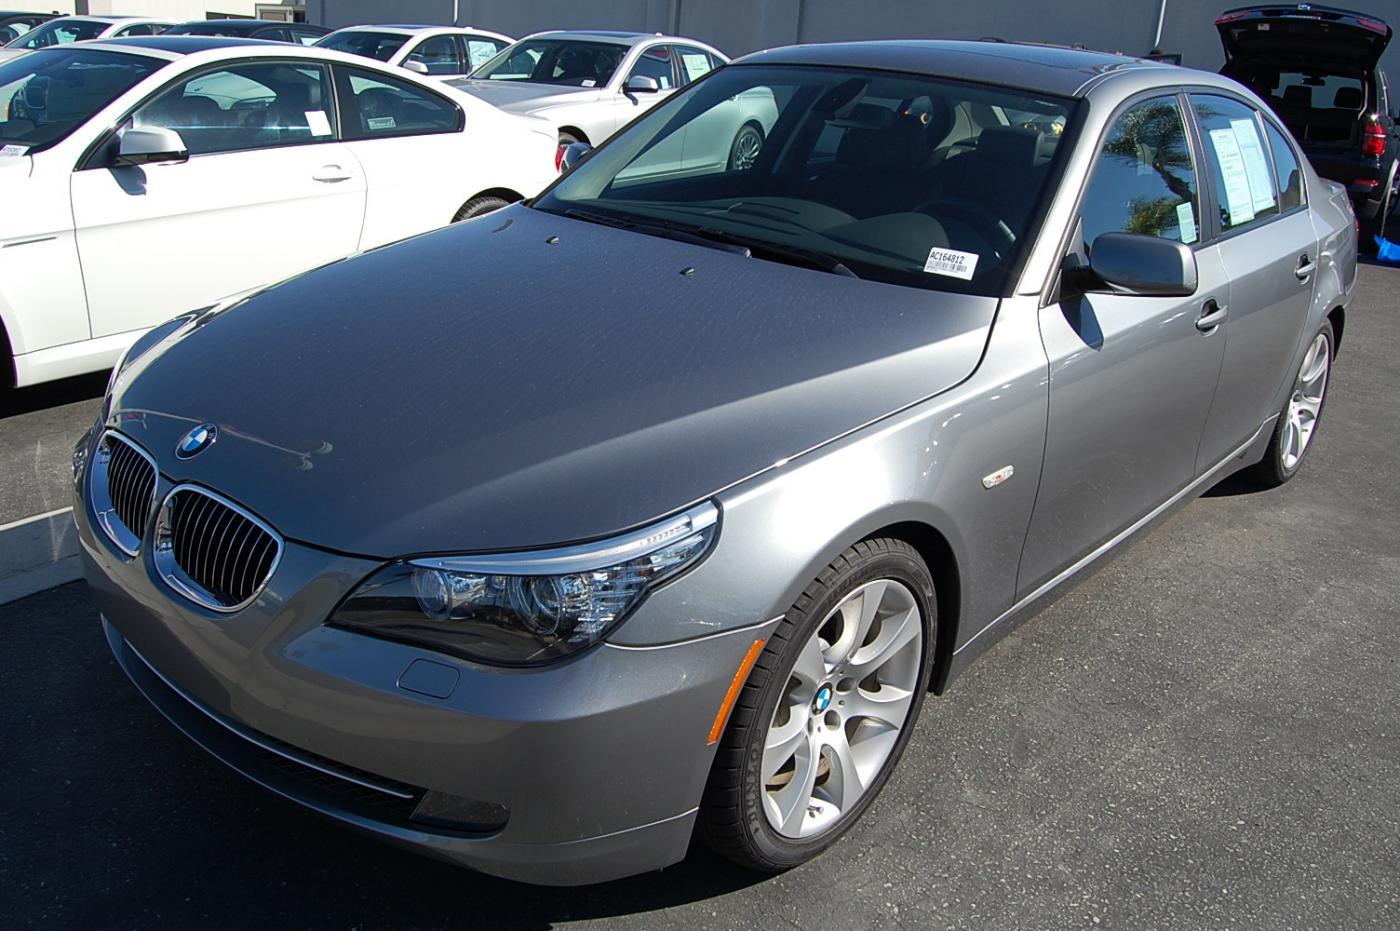 Brand New BMW I - 2010 bmw 535i